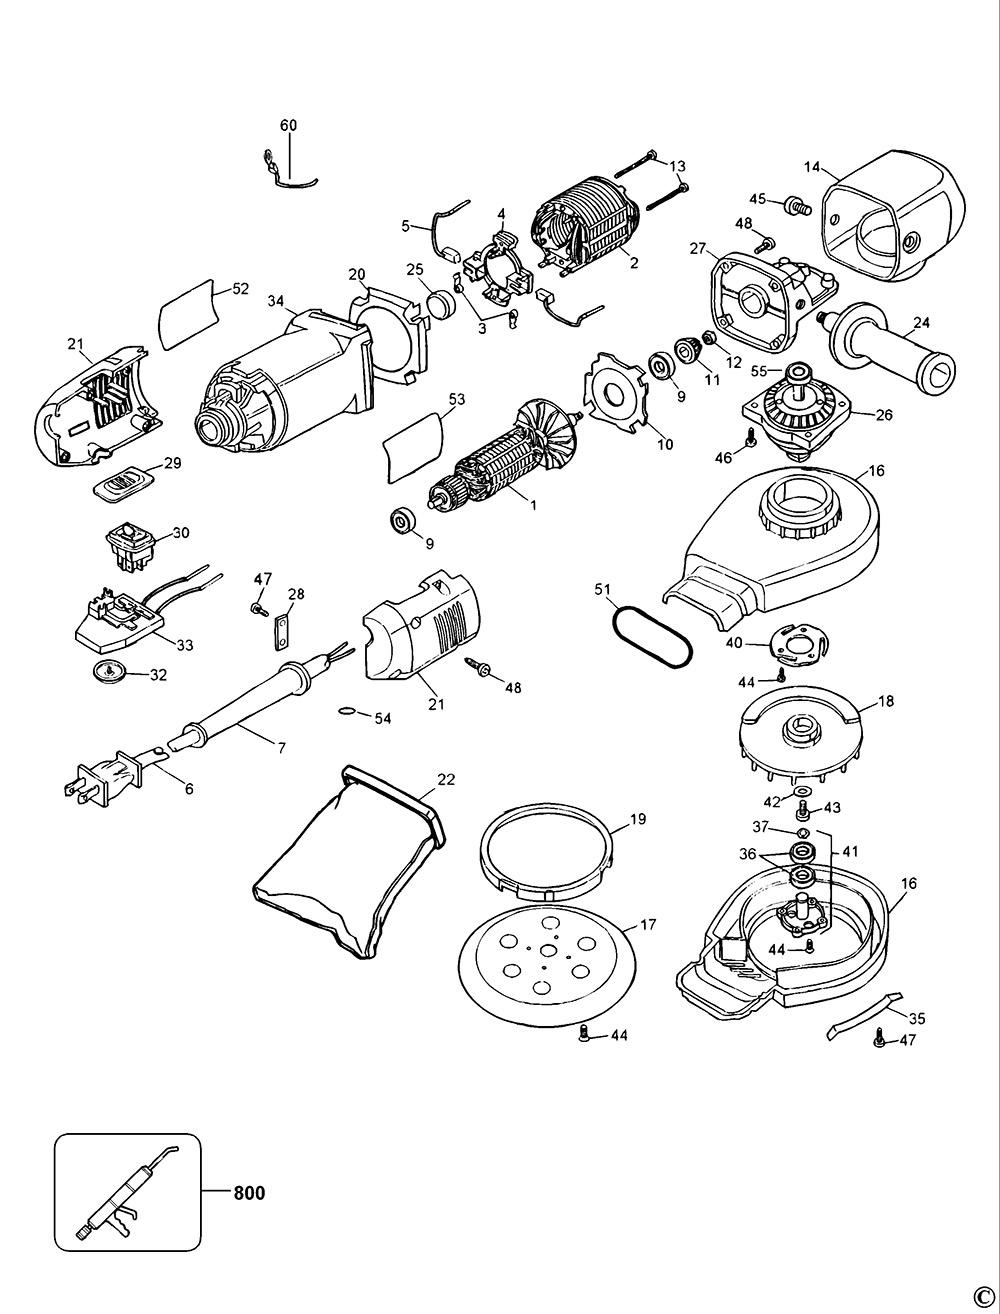 dewalt dw443 type 2 random orbit sander spare parts